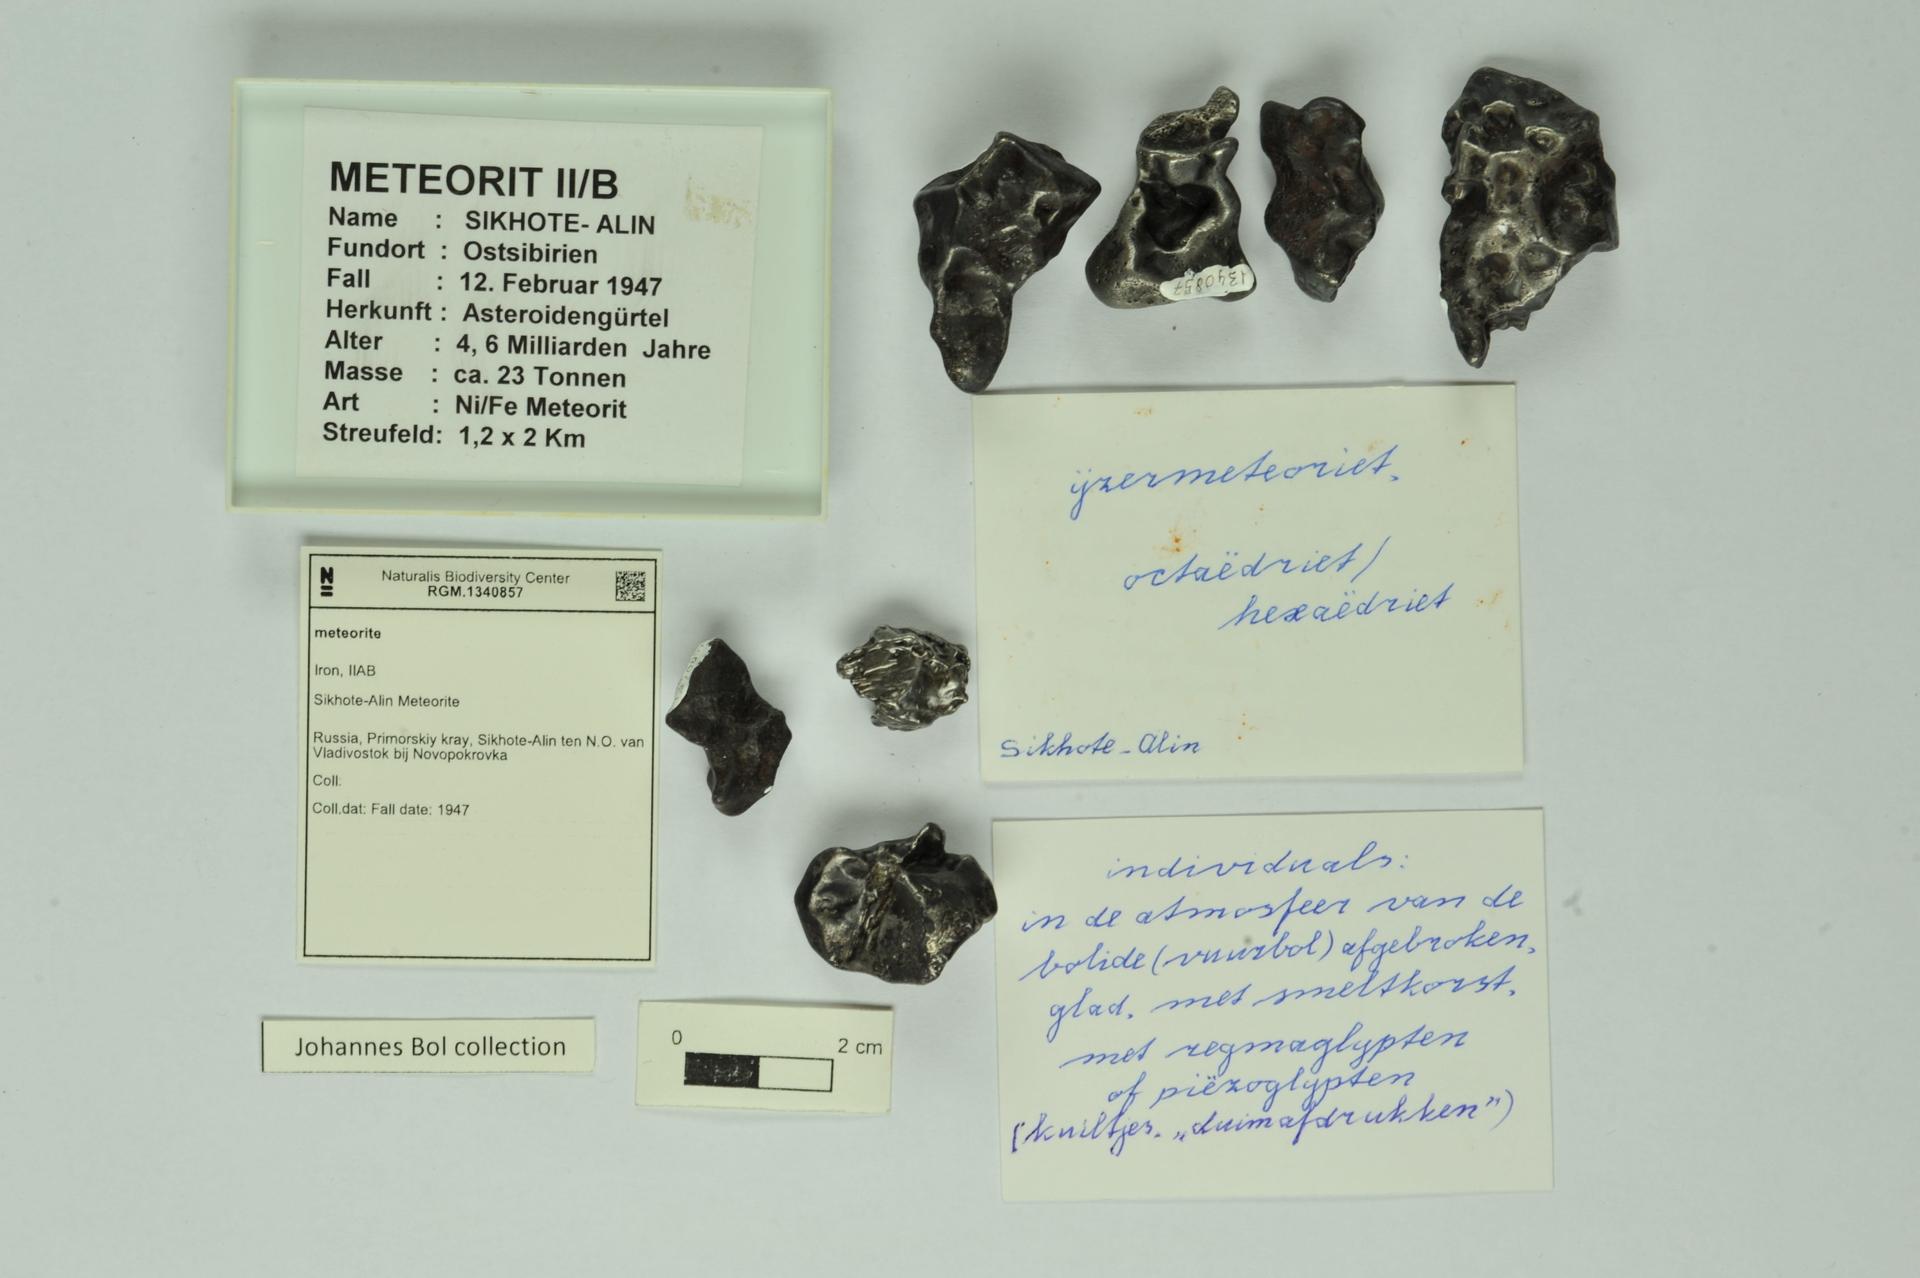 RGM.1340857 | Iron, IIAB